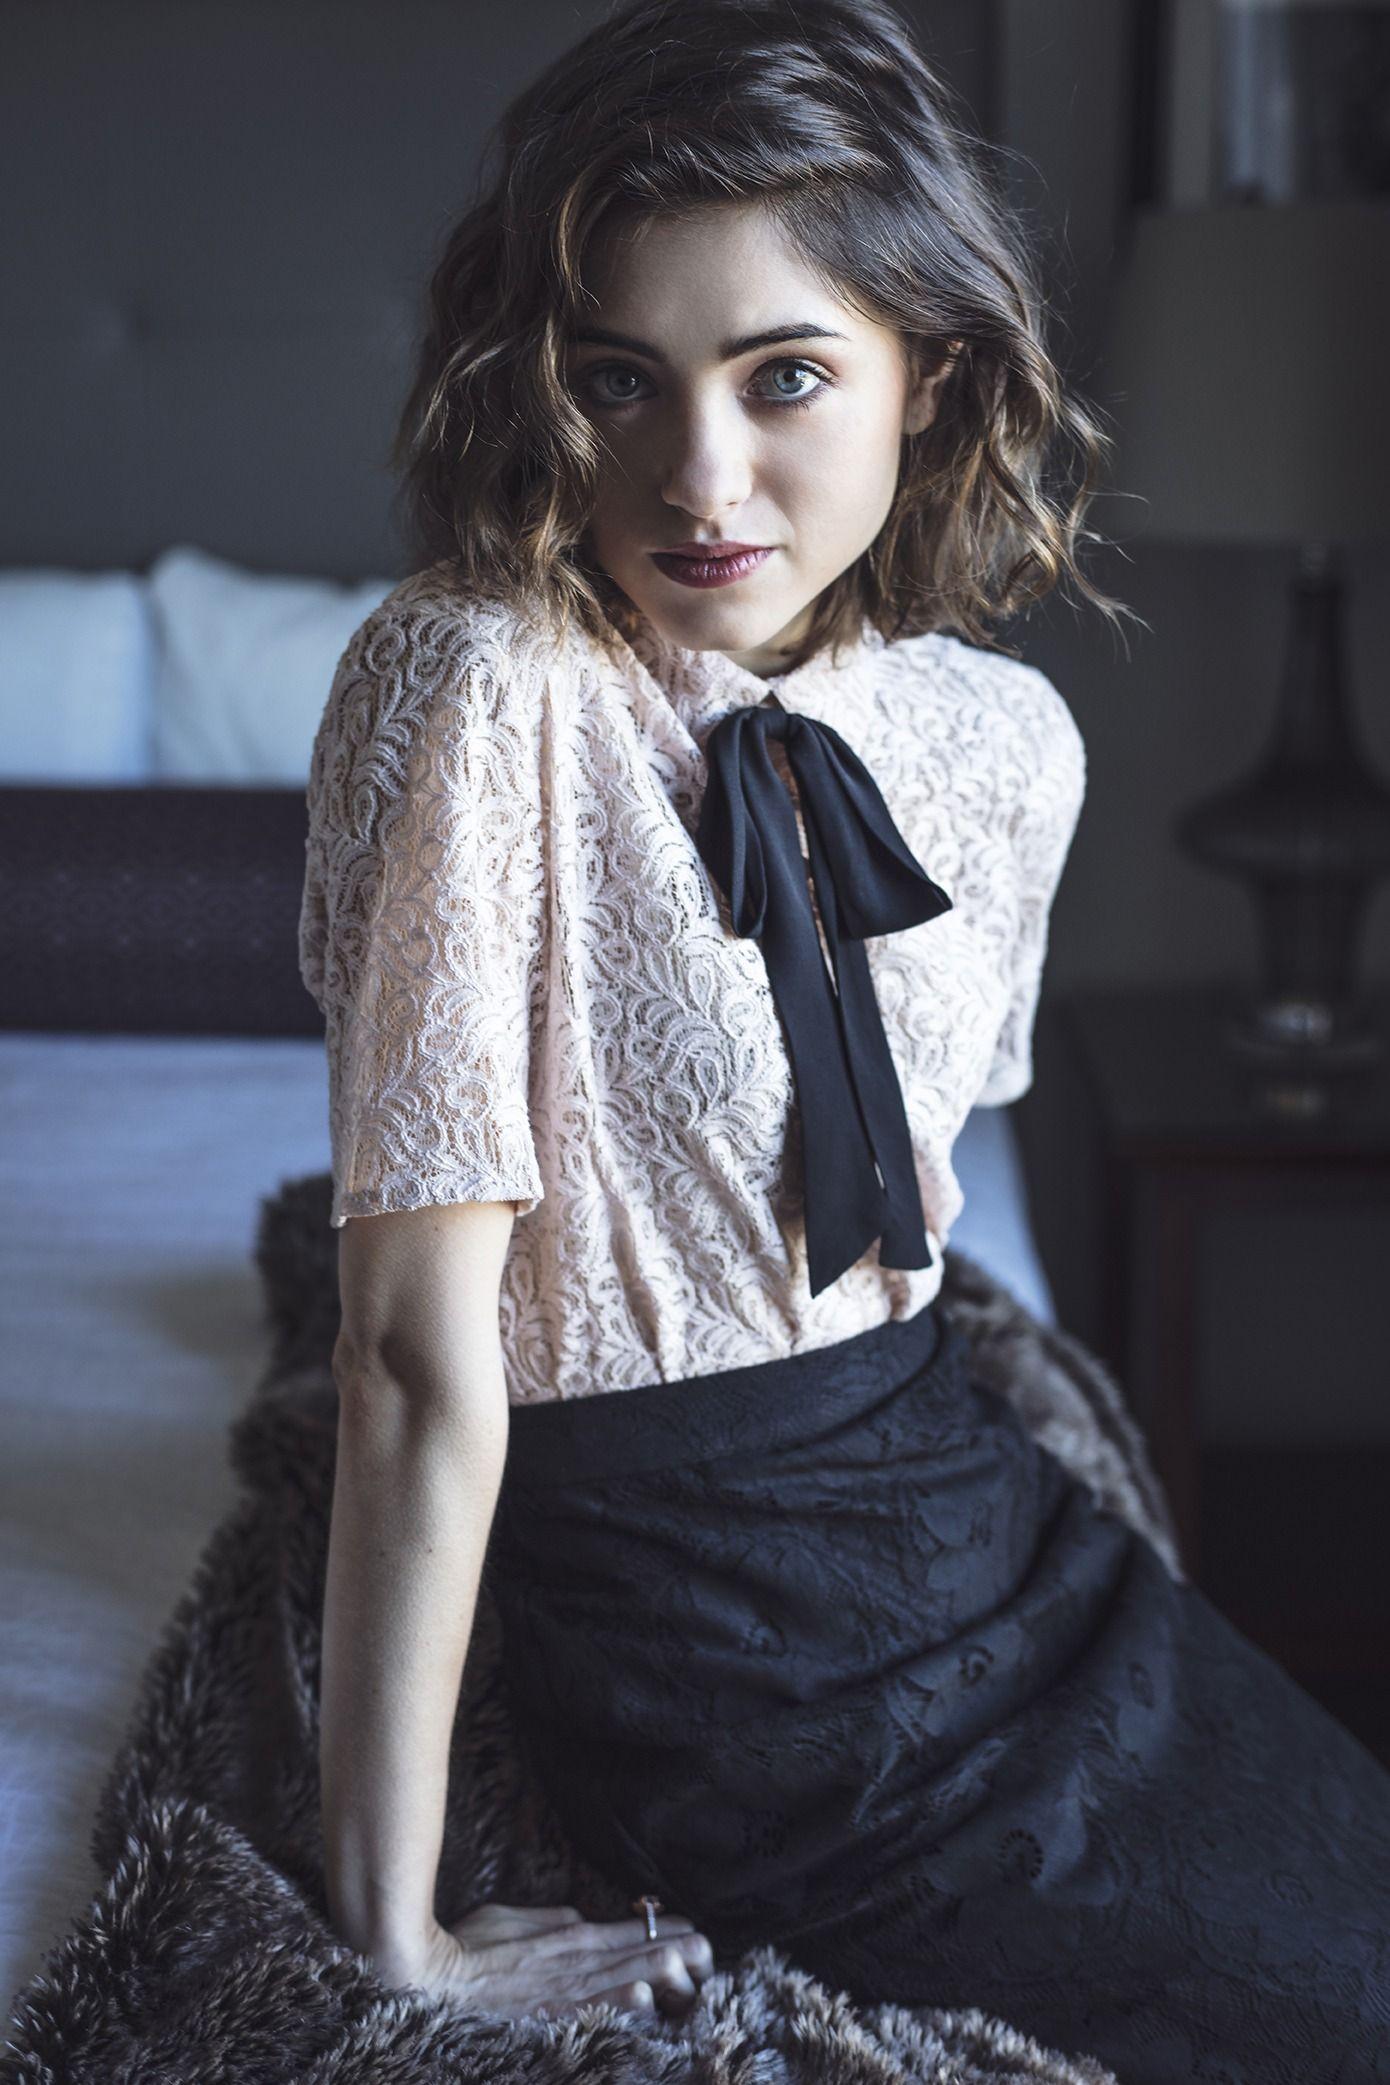 Hot natalia dyer Natalia Dyer